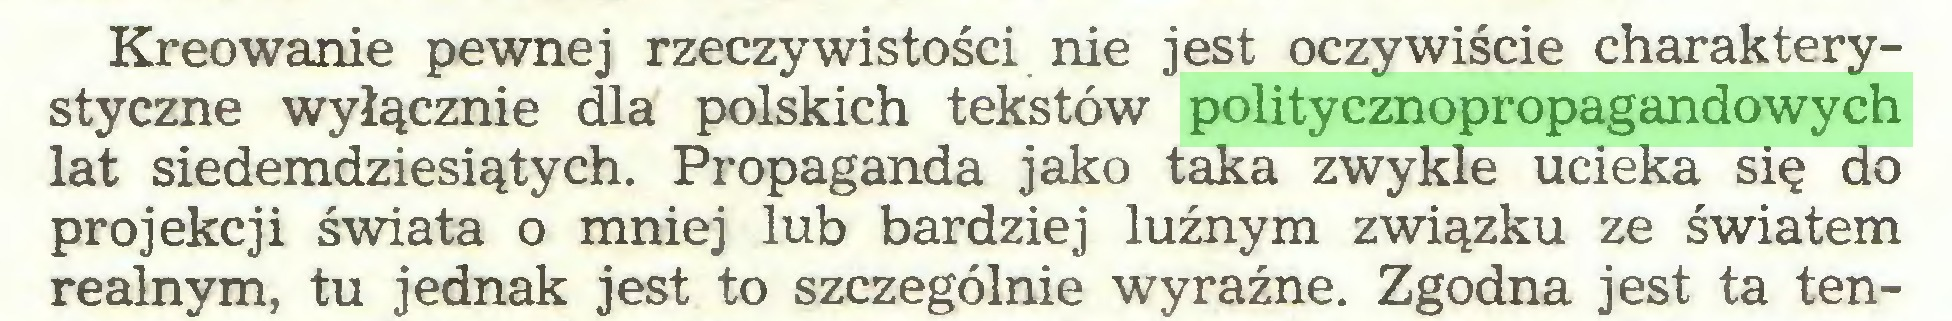 (...) Kreowanie pewnej rzeczywistości nie jest oczywiście charakterystyczne wyłącznie dla polskich tekstów politycznopropagandowych lat siedemdziesiątych. Propaganda jako taka zwykle ucieka się do projekcji świata o mniej lub bardziej luźnym związku ze światem realnym, tu jednak jest to szczególnie wyraźne. Zgodna jest ta ten...